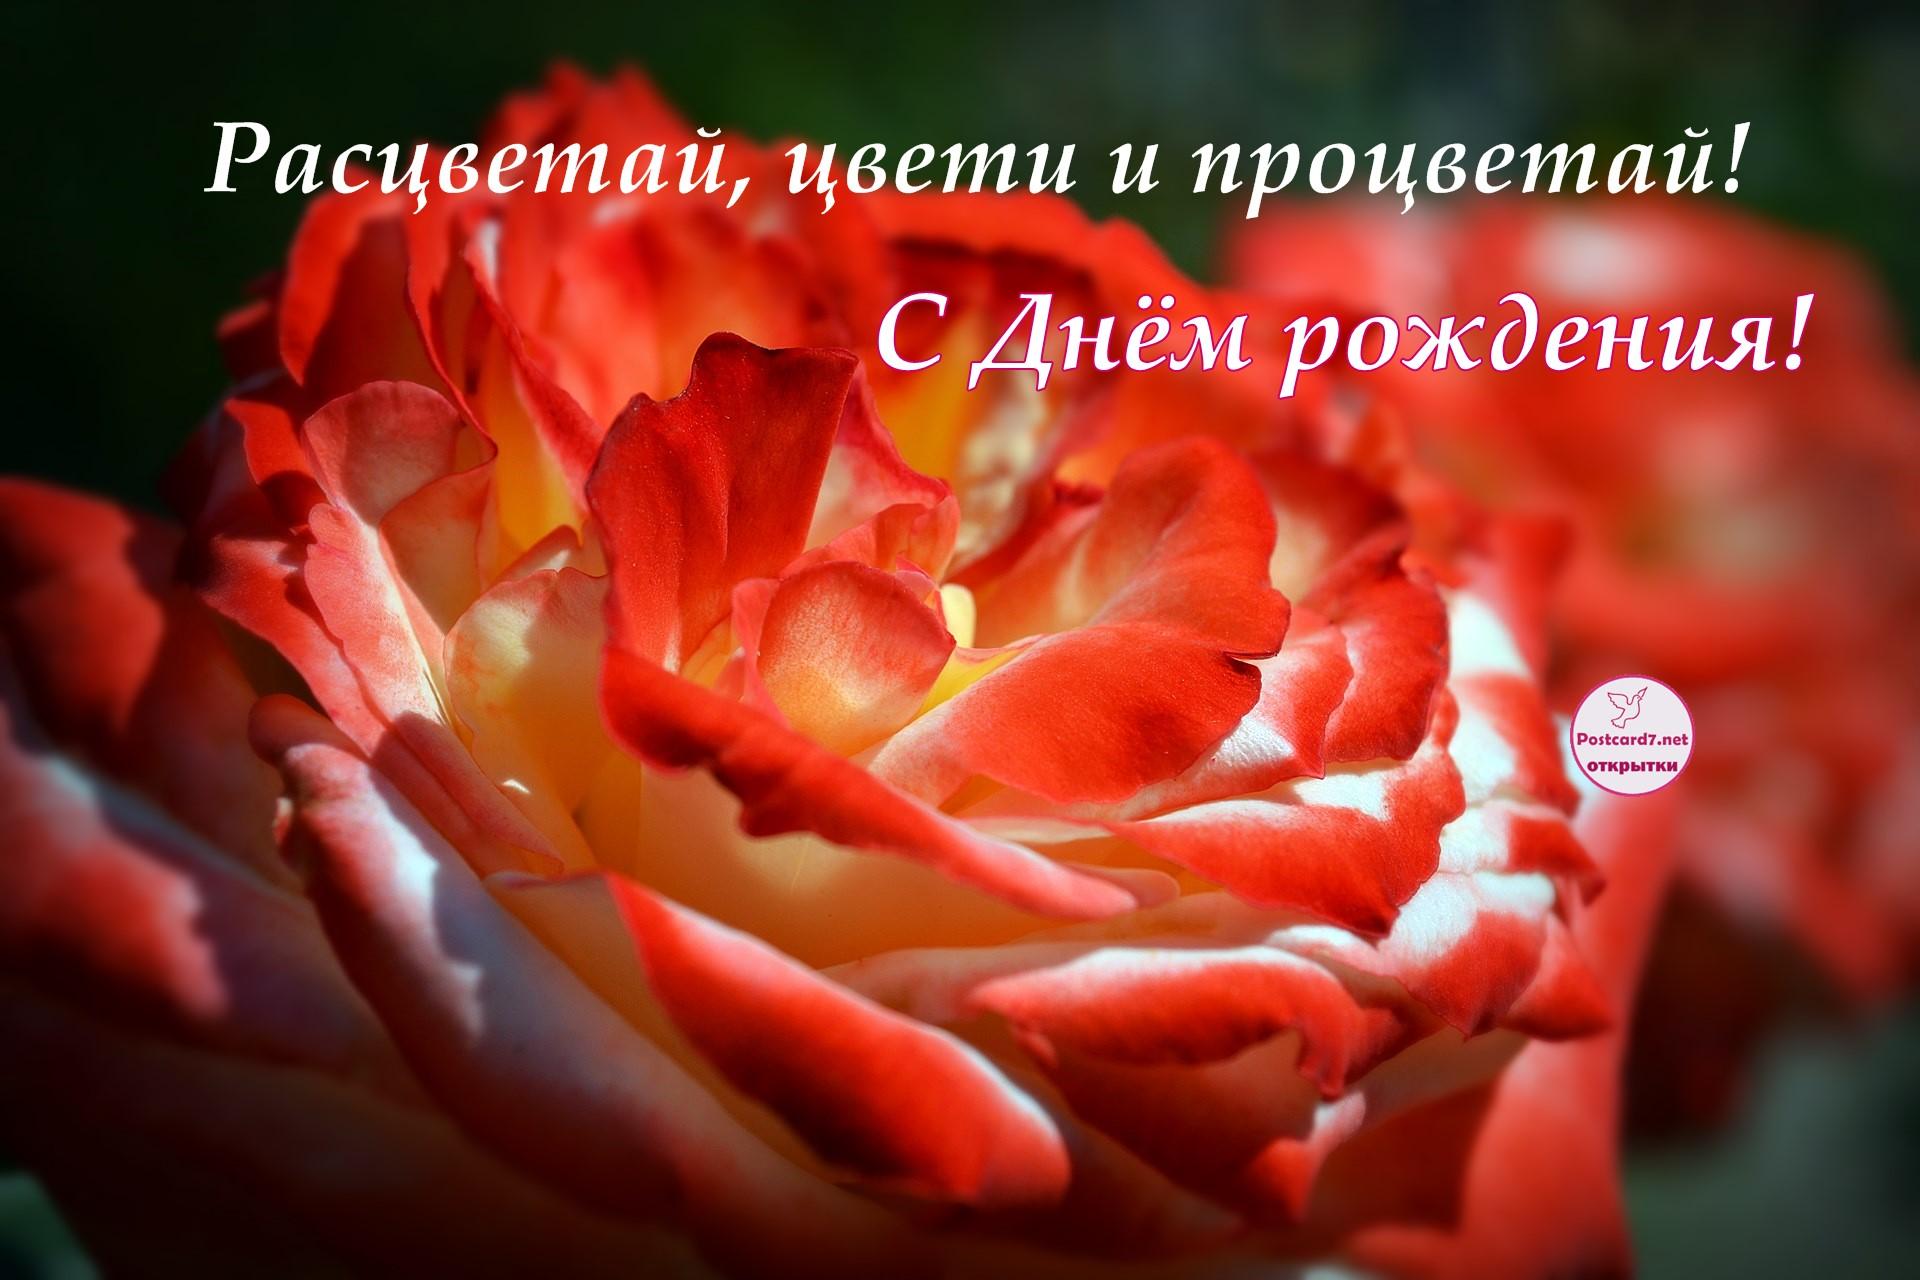 Расцветай, цвети и процветай - открытка с розой на День рождения